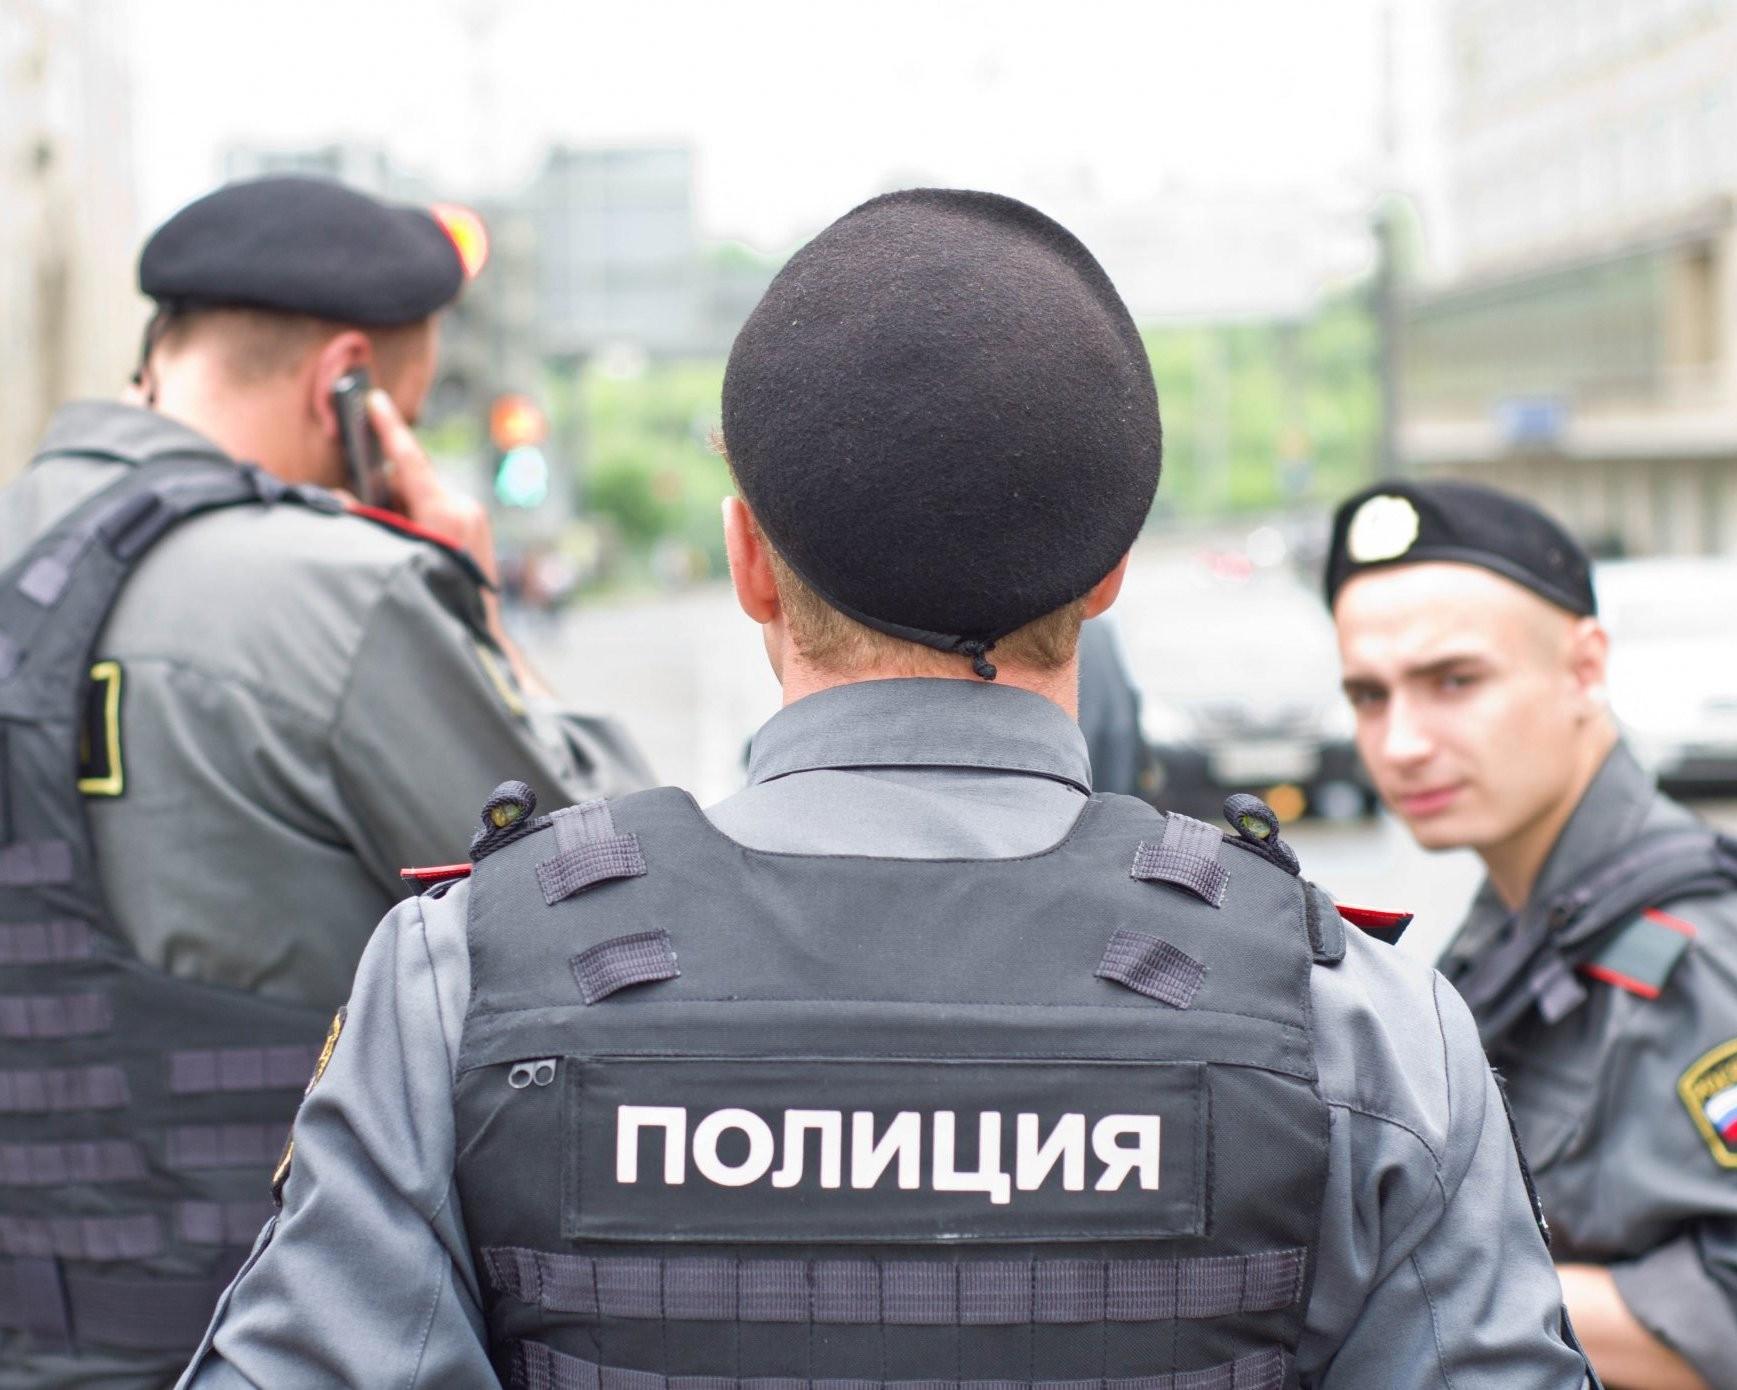 Вцентре Петербурга найден  обернутый  водеяло труп женщины